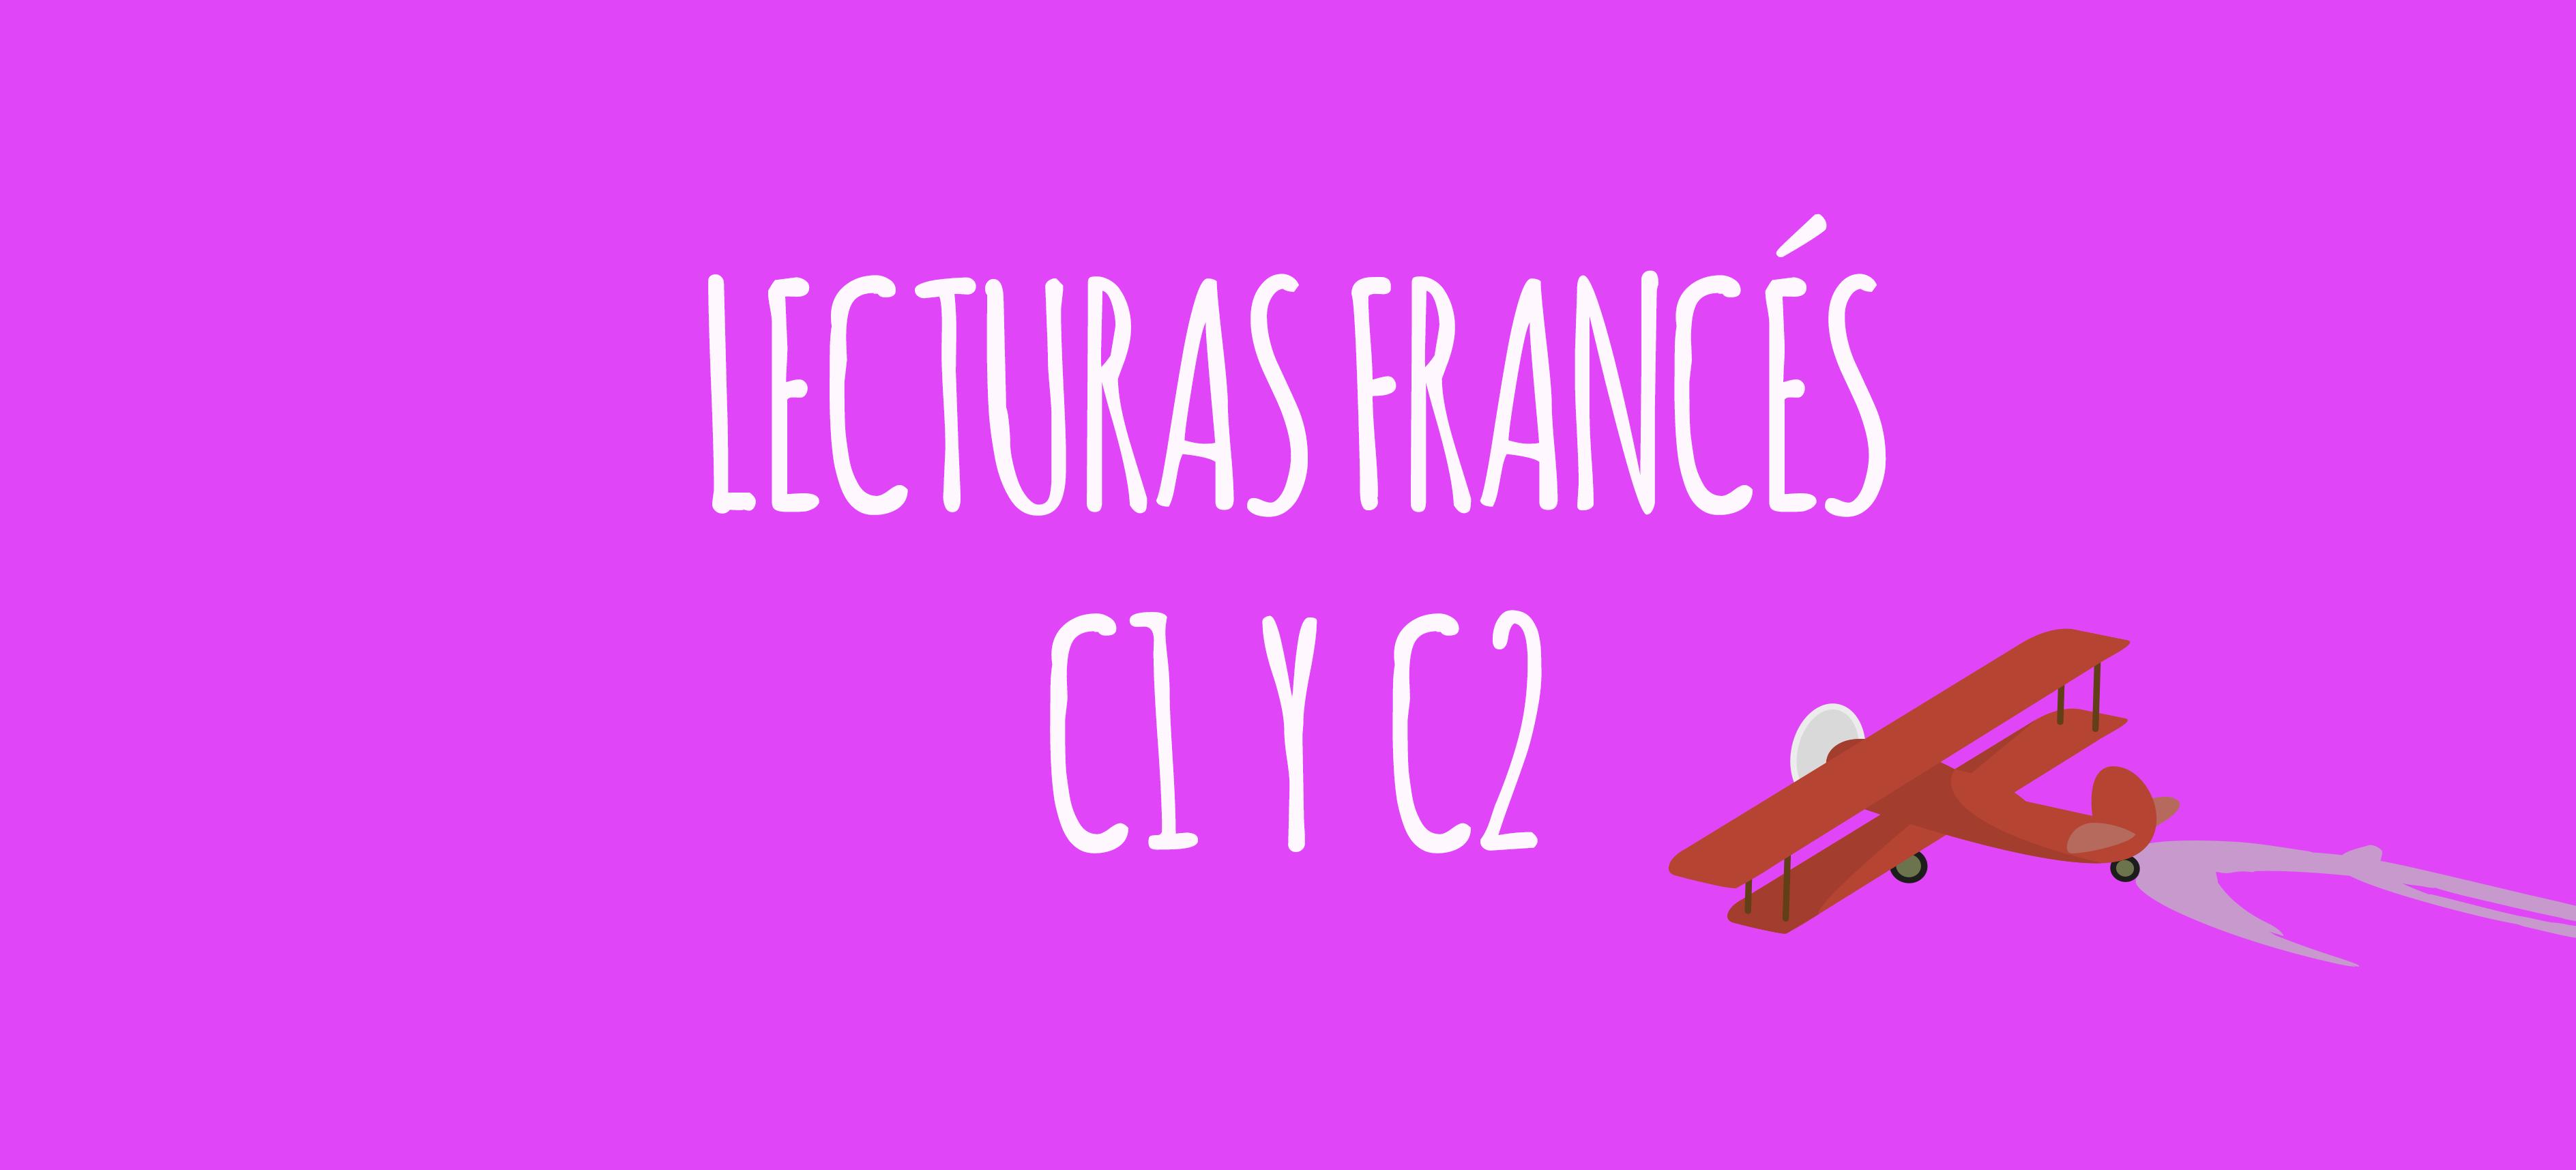 LECTURAS-FRANCES-C1-Y-C2